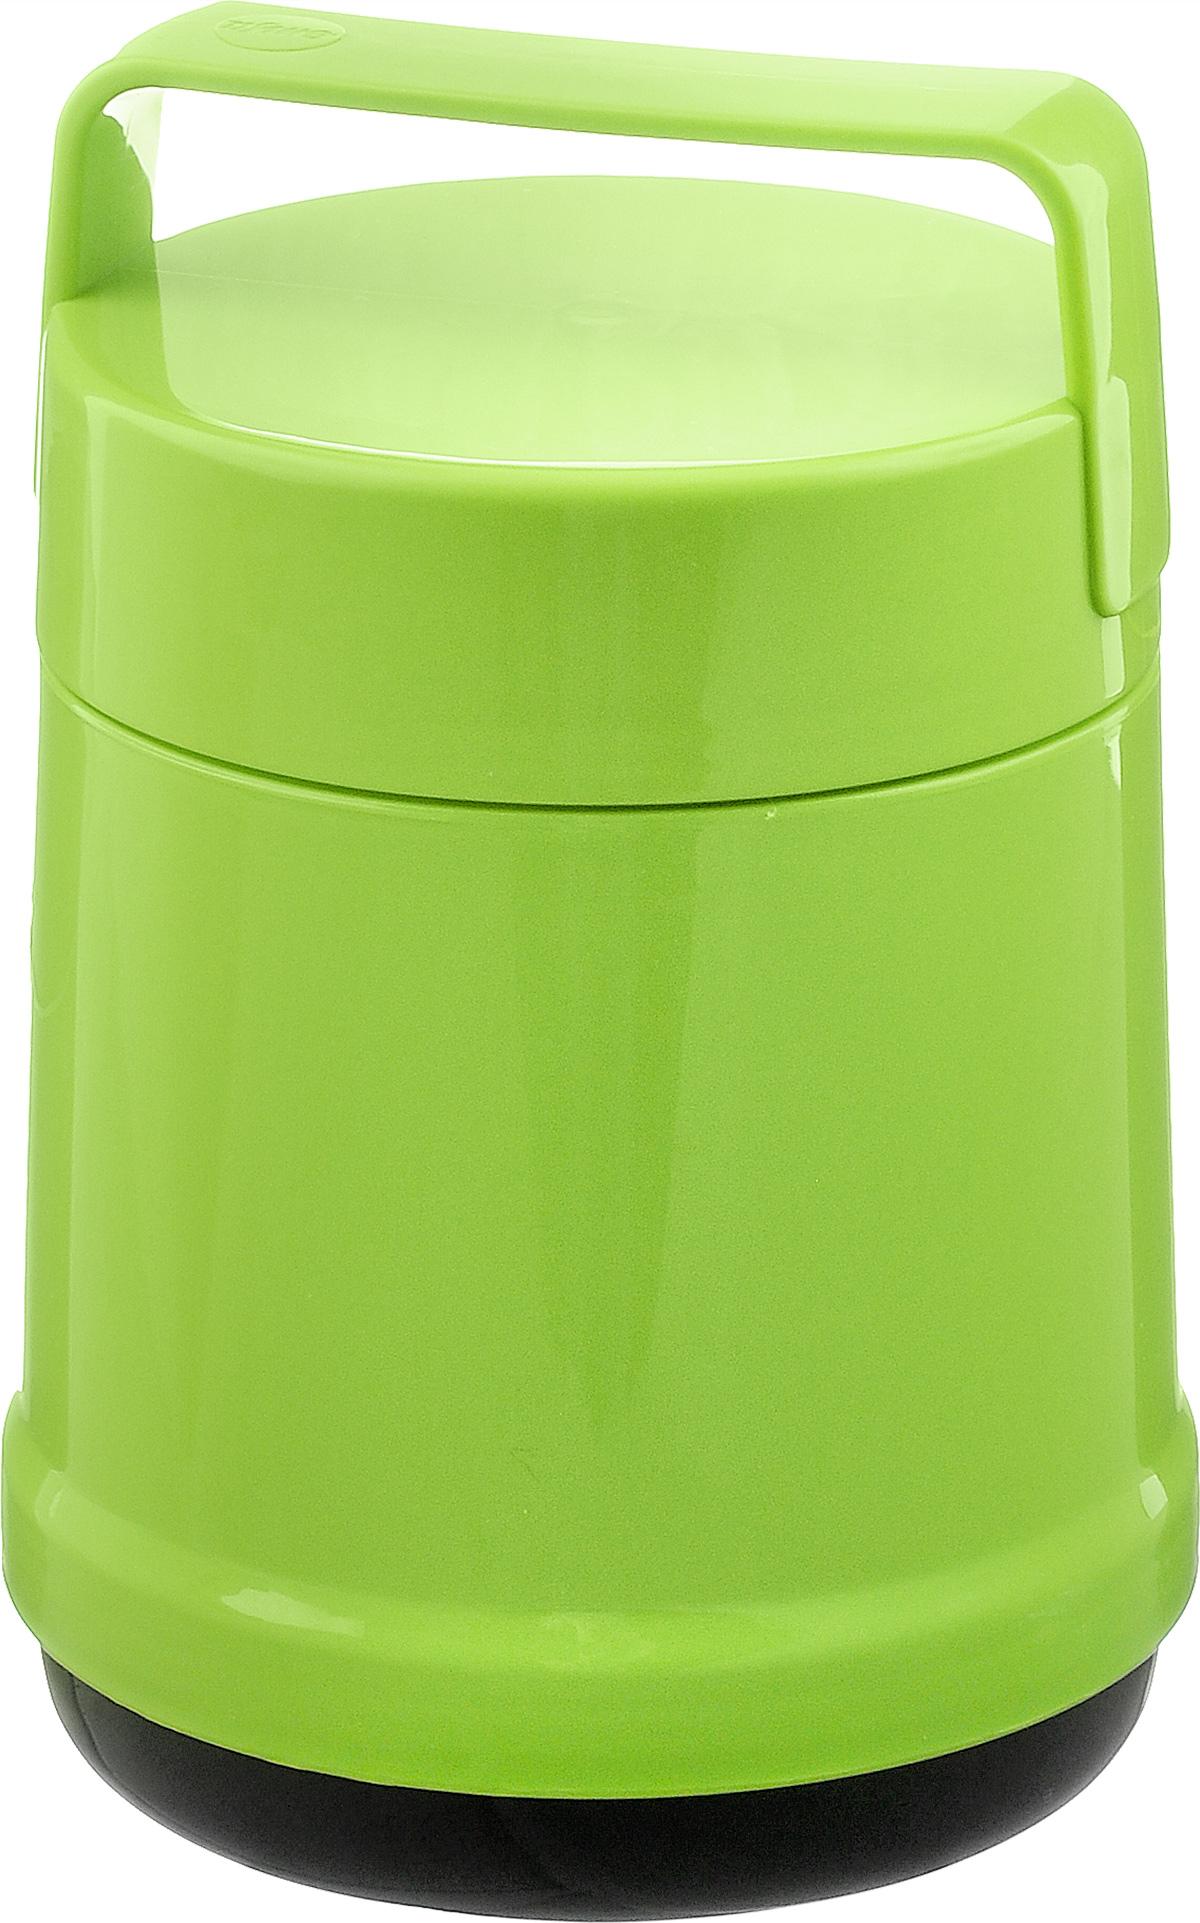 Термос для еды Emsa Rocket, цвет: зеленый, 1,4 л термос кофейник emsa soft grip 1 5 л